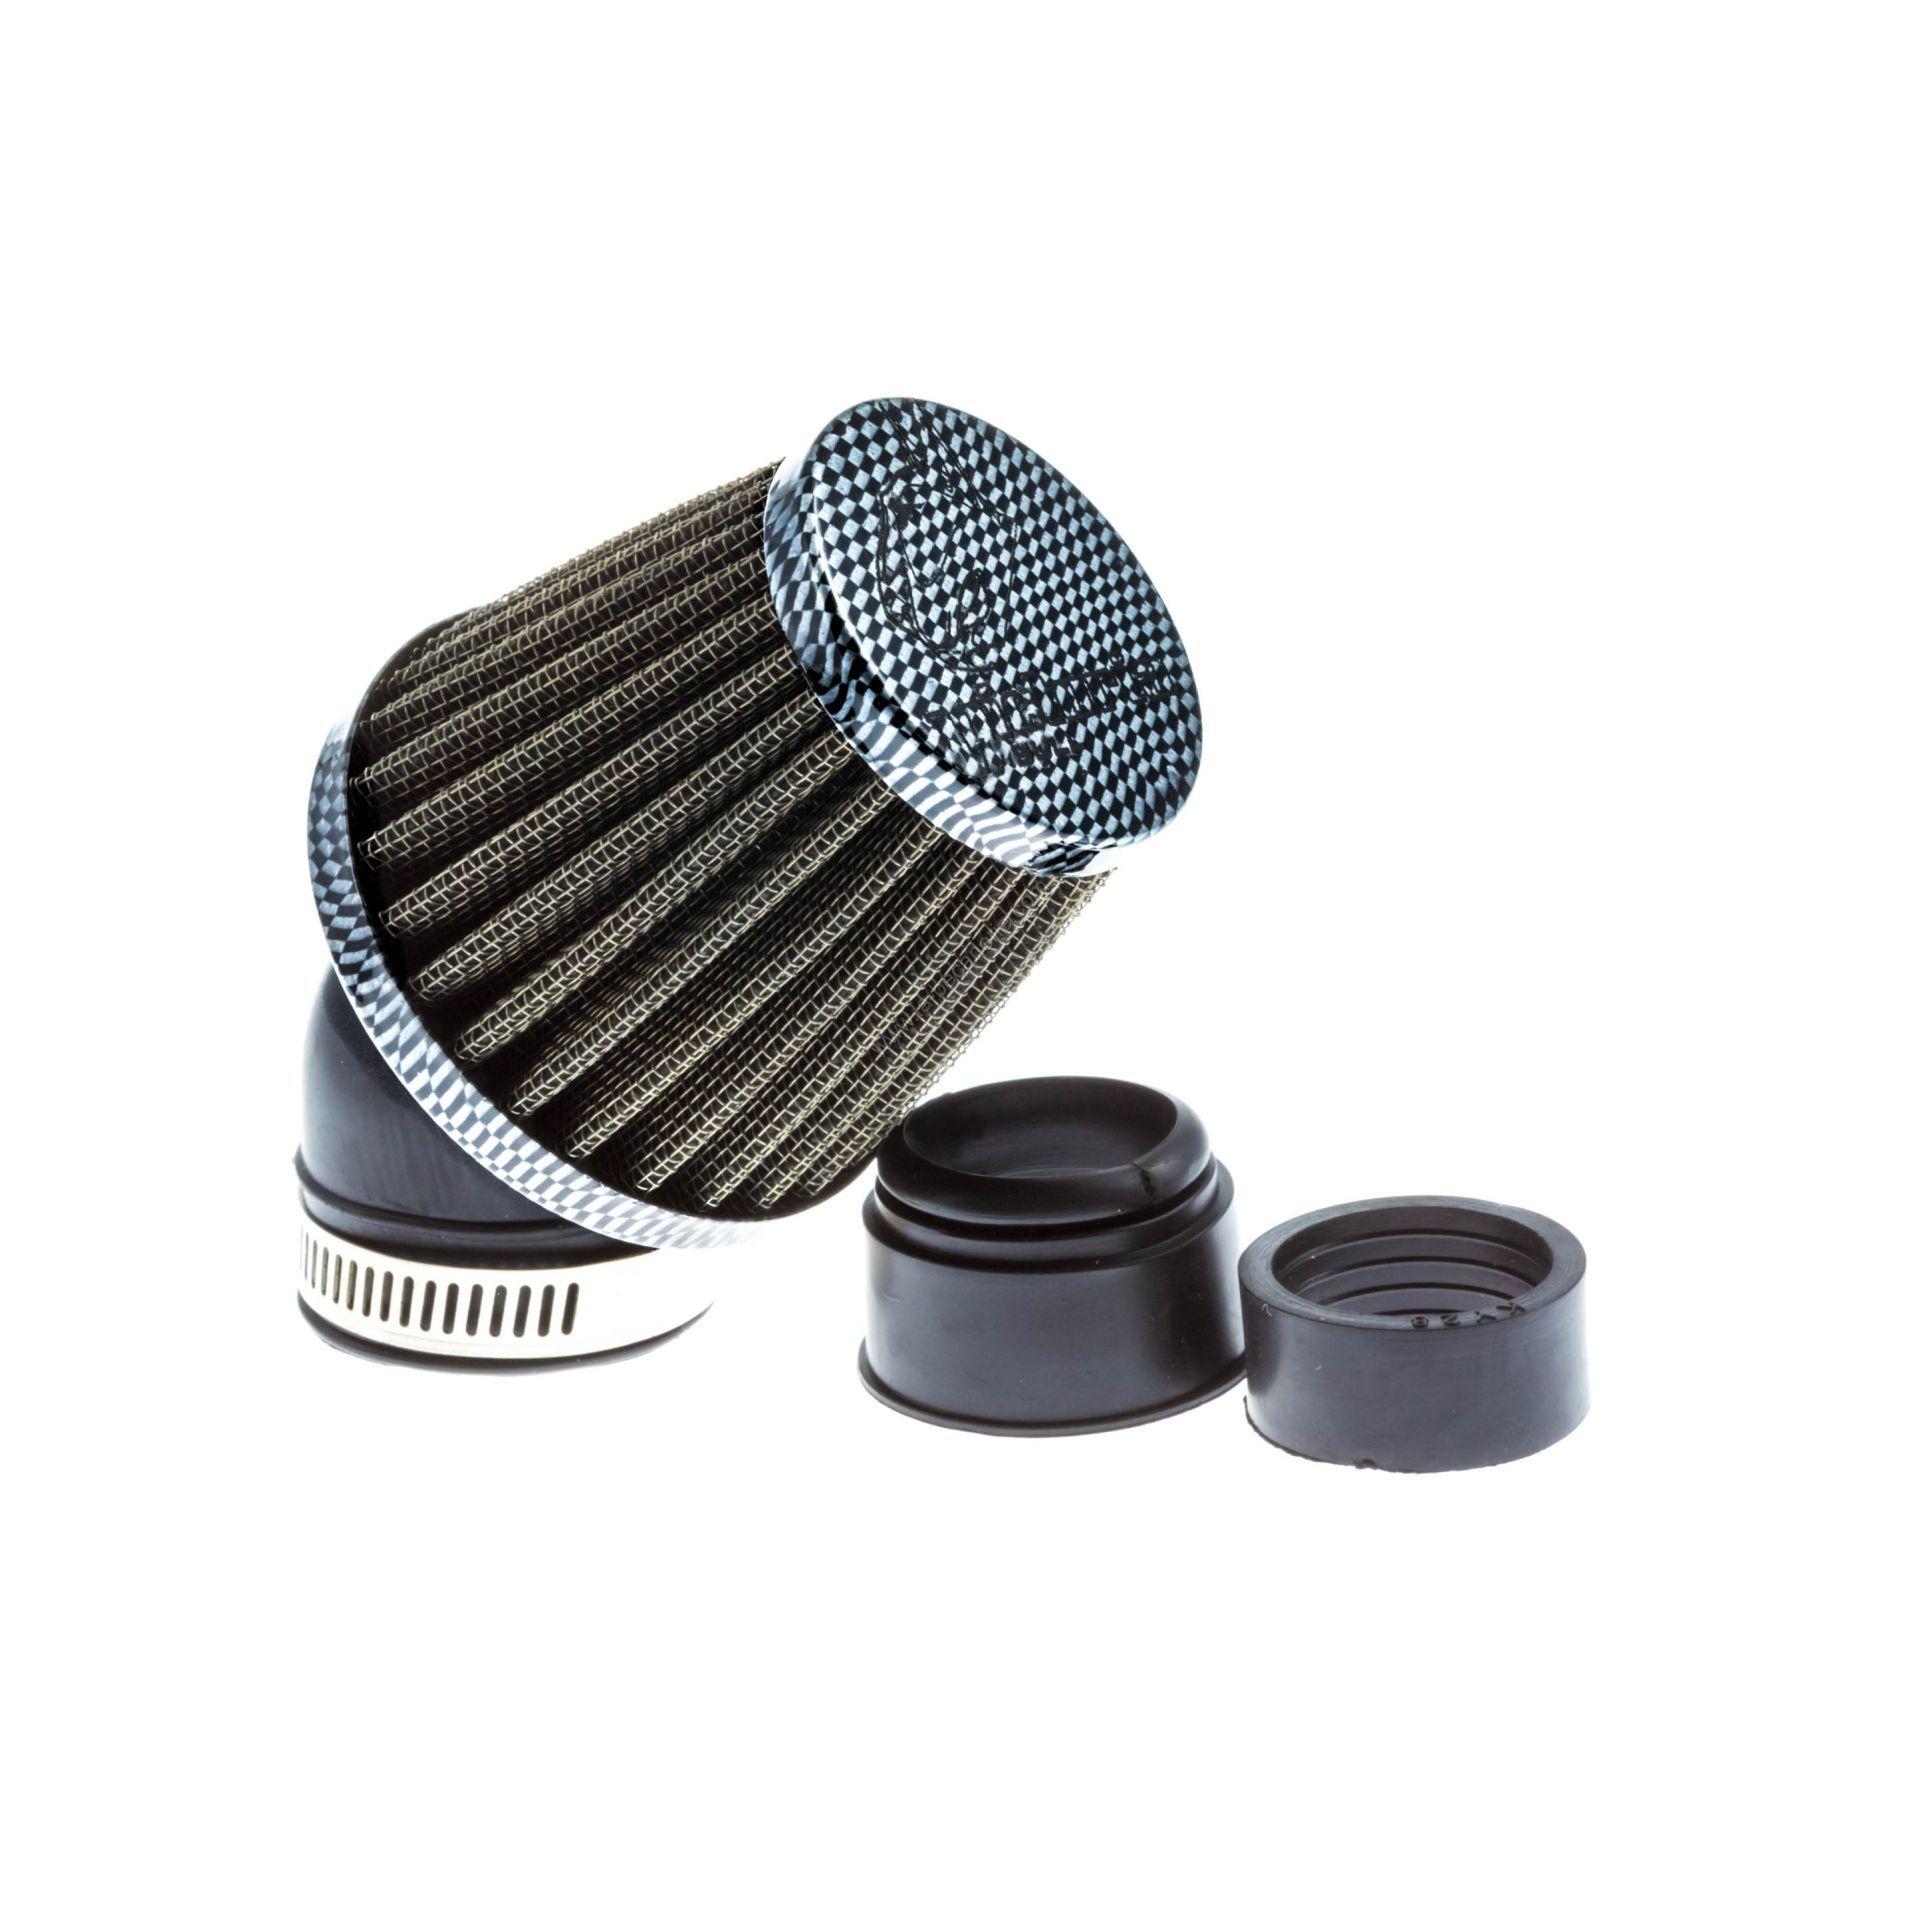 filtres air peugeot 103 spx rcx carburation mobylette la b canerie. Black Bedroom Furniture Sets. Home Design Ideas